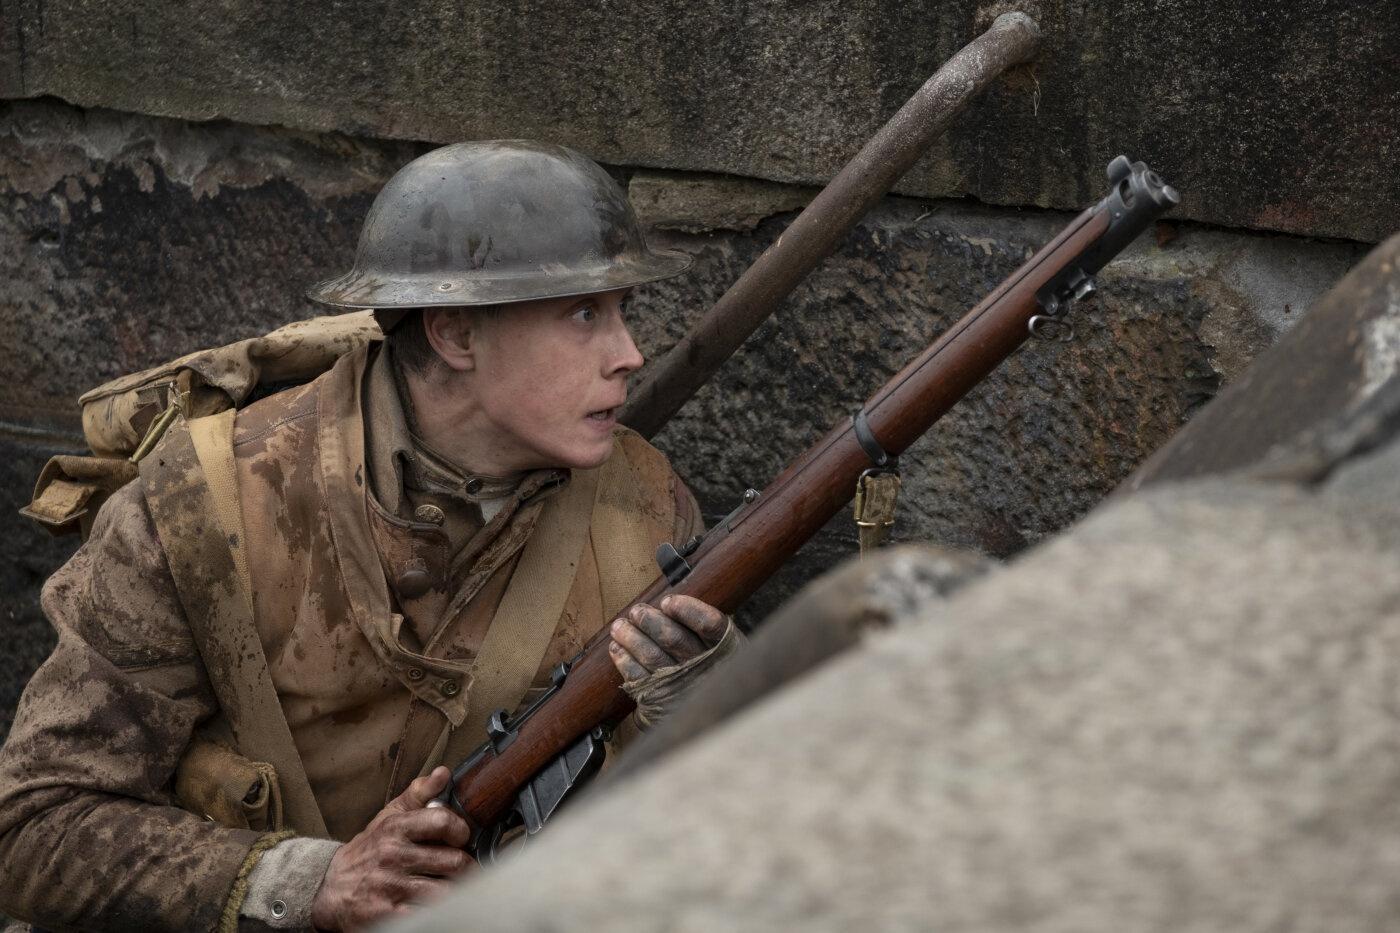 Phim Thế chiến I '1917' vươn lên dẫn đầu đường đua Oscar 2020